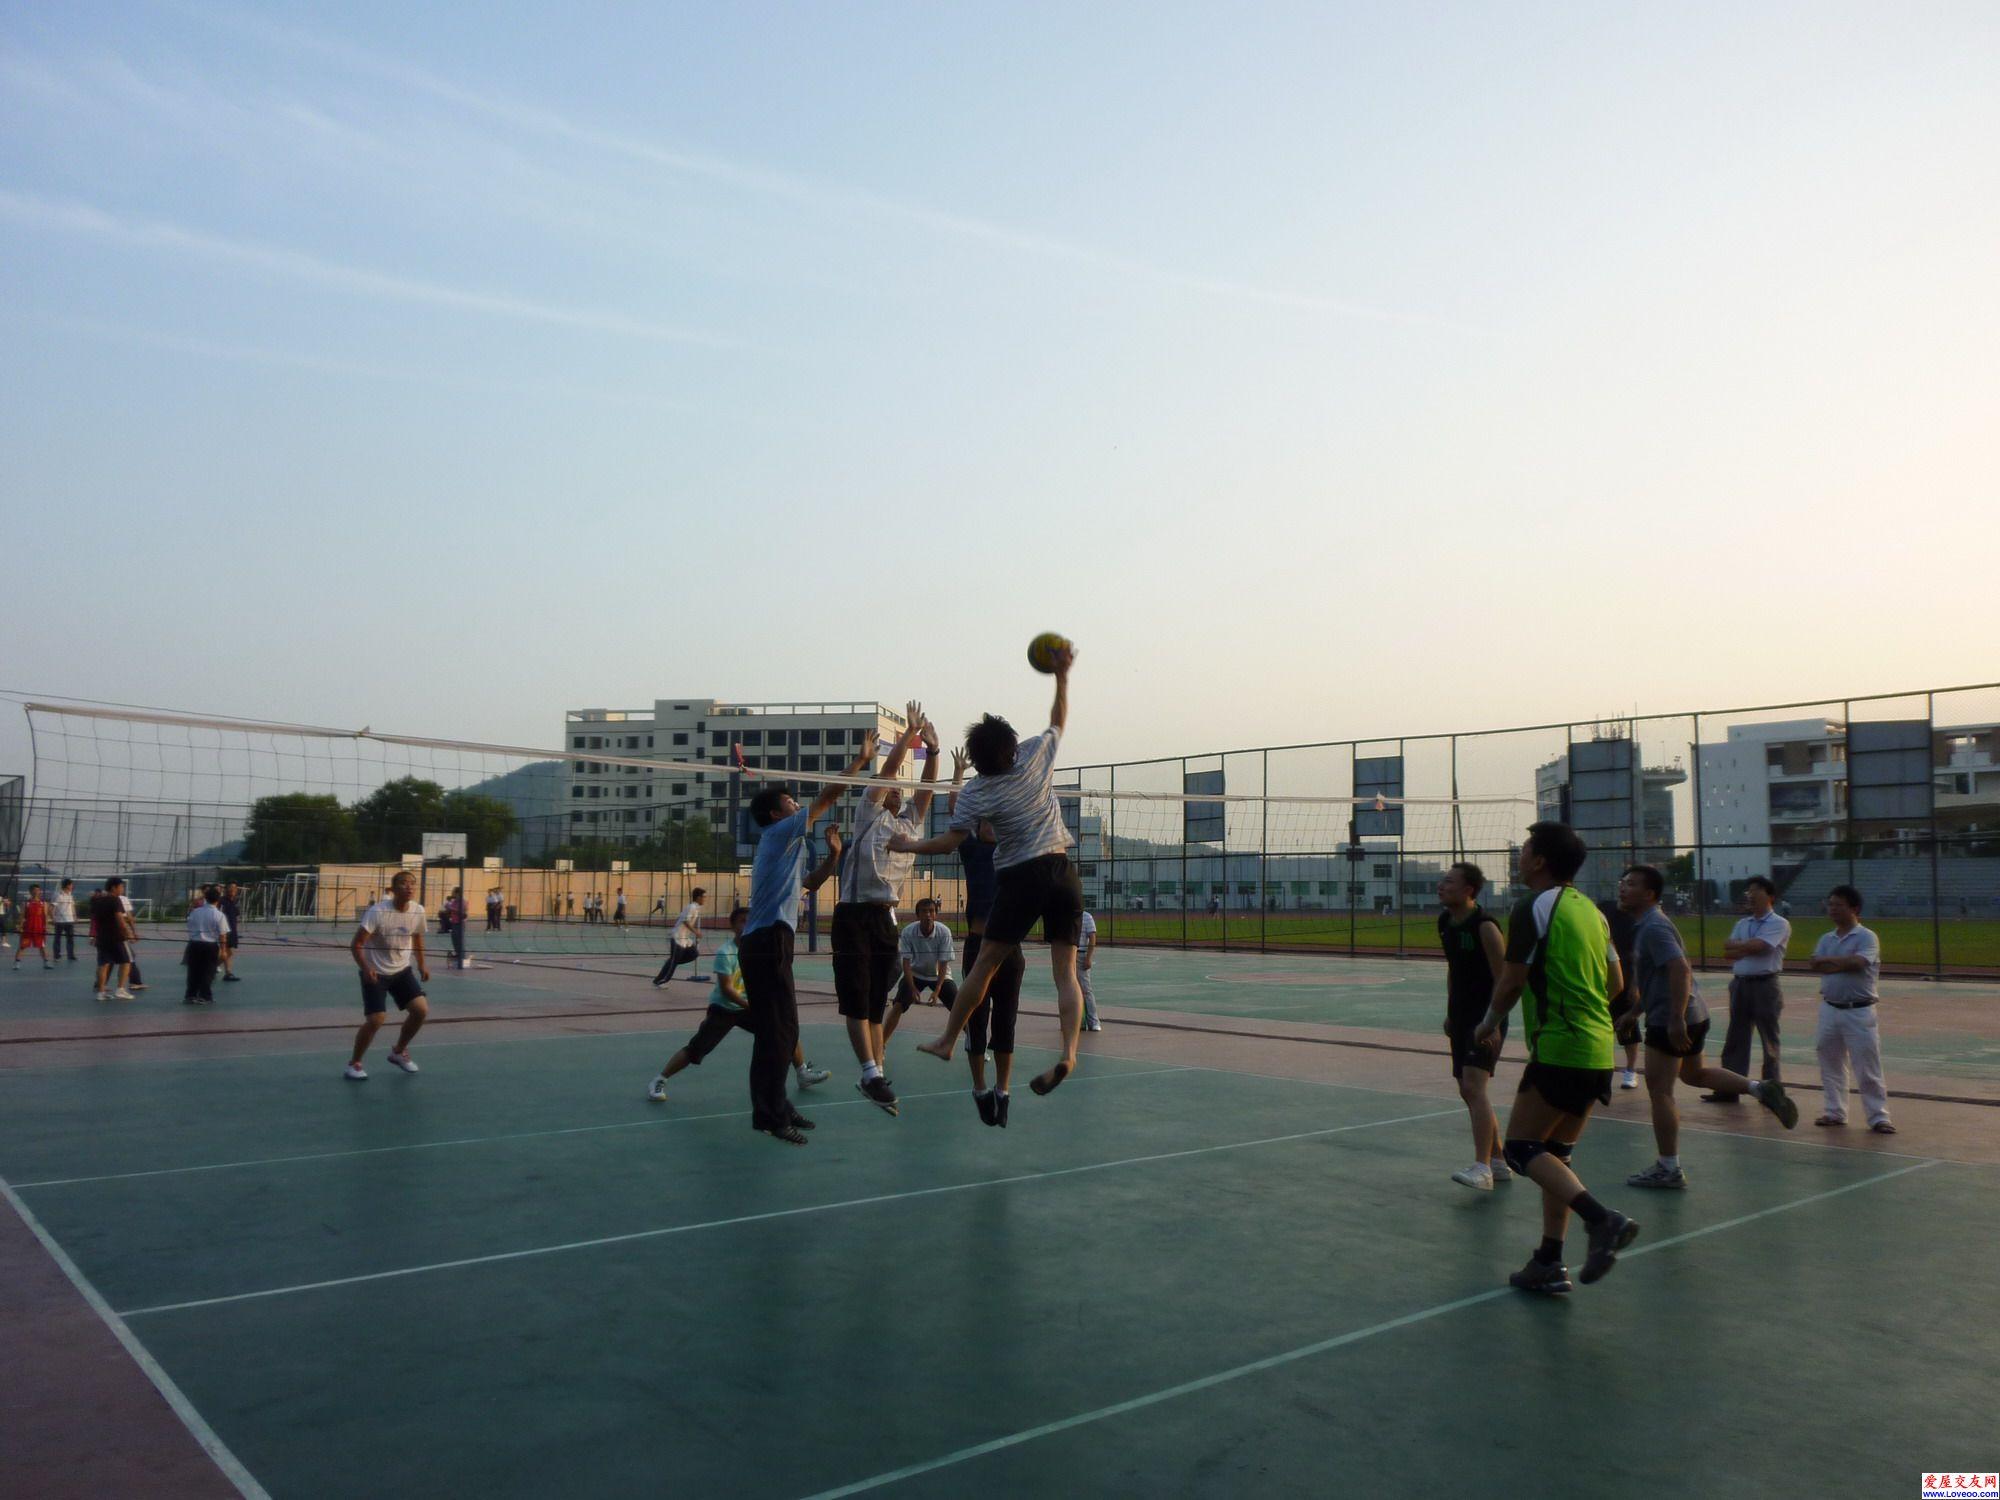 第一次去清华实验学校打球照